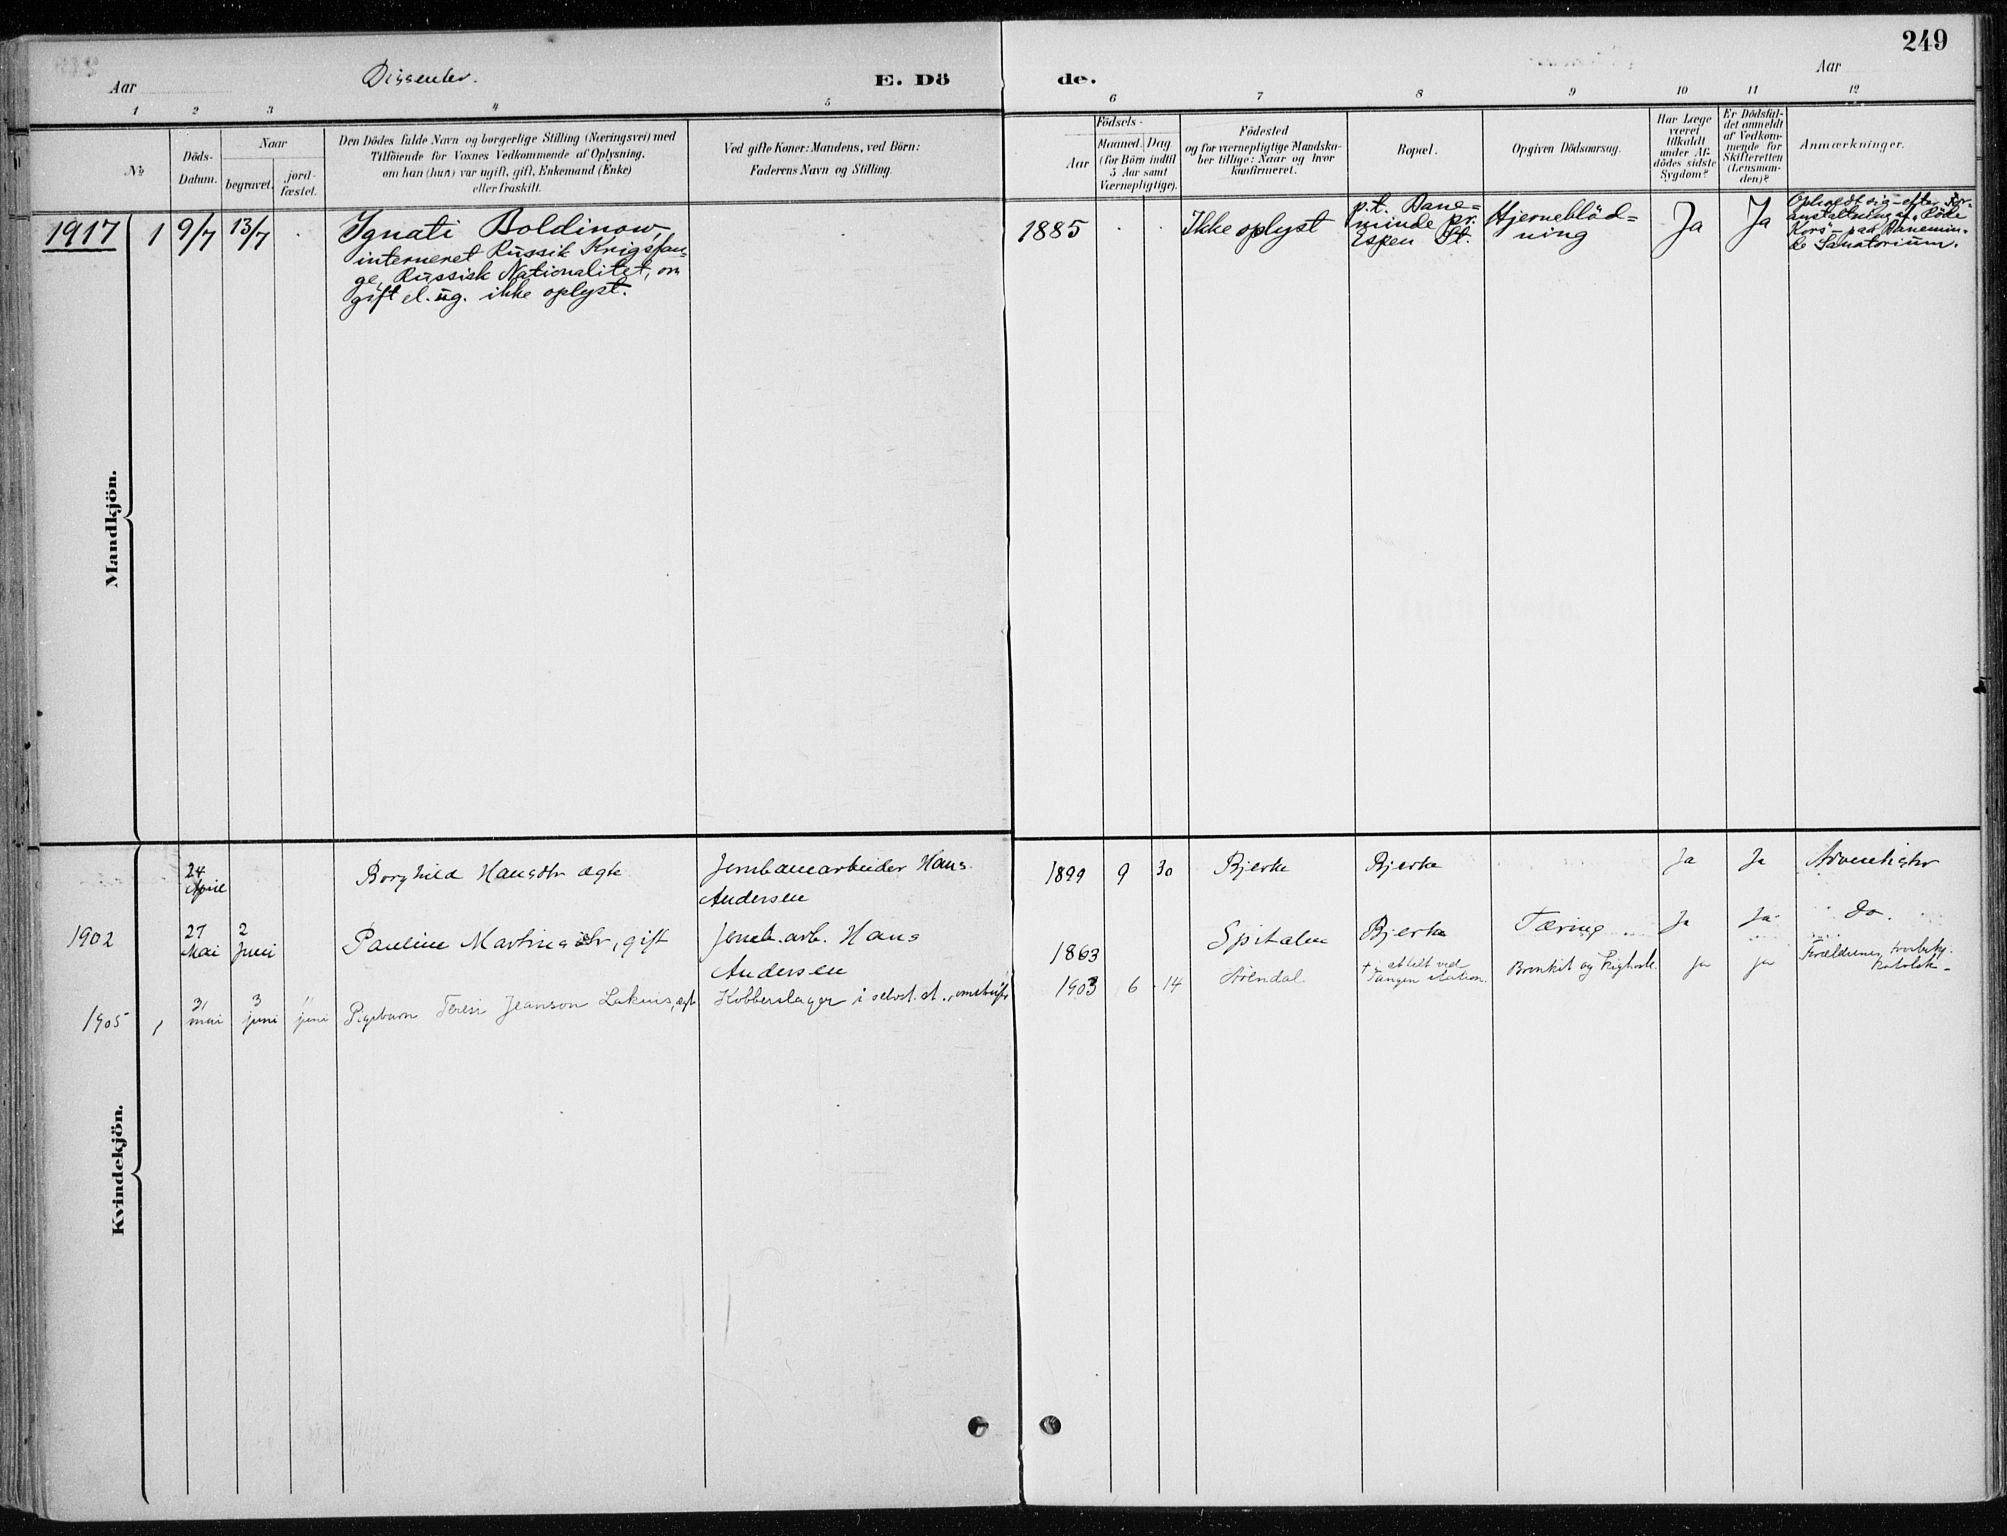 SAH, Stange prestekontor, K/L0023: Parish register (official) no. 23, 1897-1920, p. 249